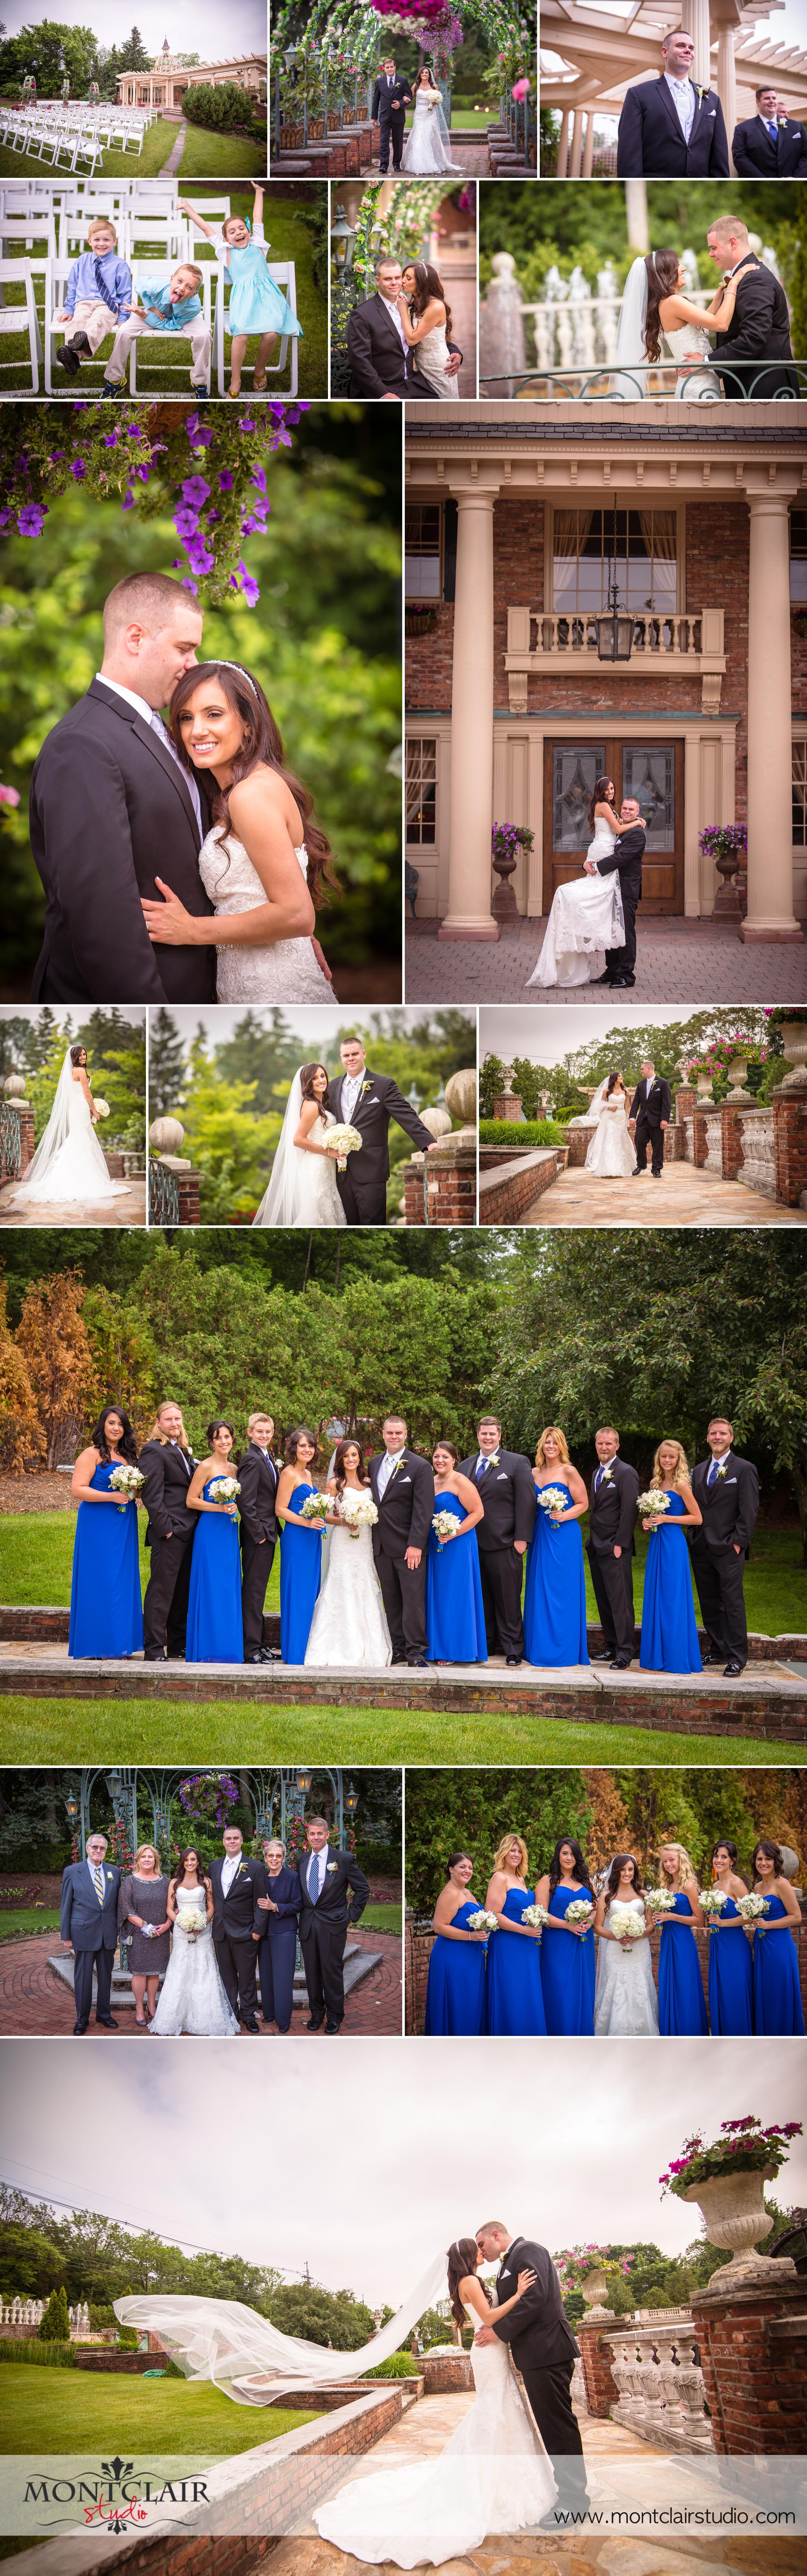 Wedding Lisa and Michael 3.jpg